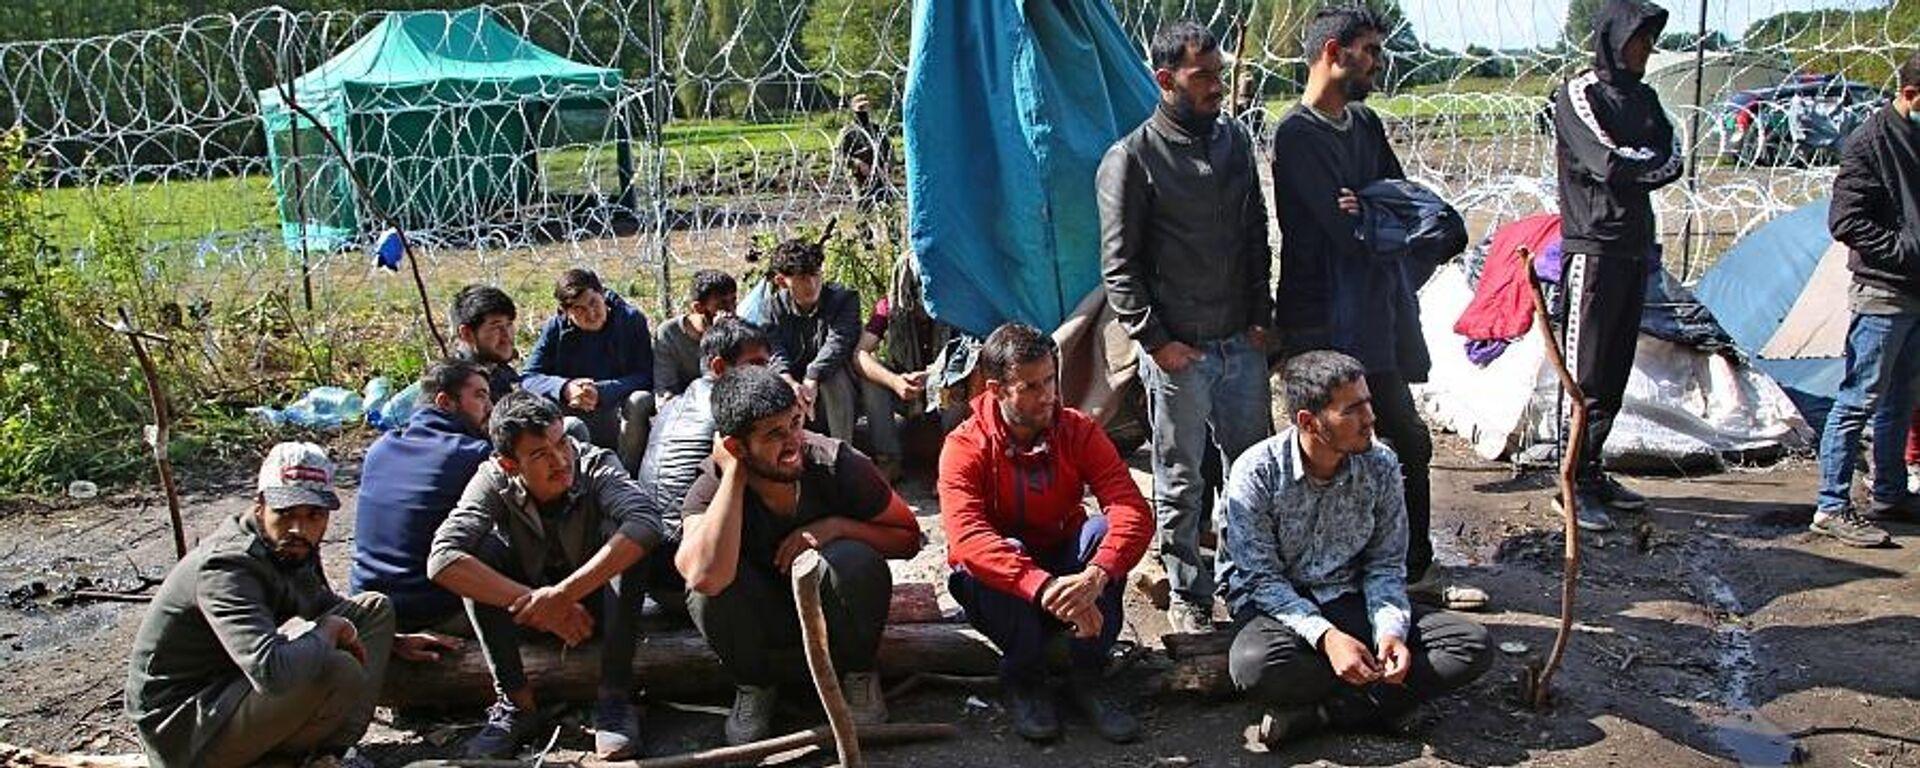 Афганские беженцы, находящиеся на польско-белорусской границе, 13 сентября 2021 года - Sputnik Latvija, 1920, 18.09.2021